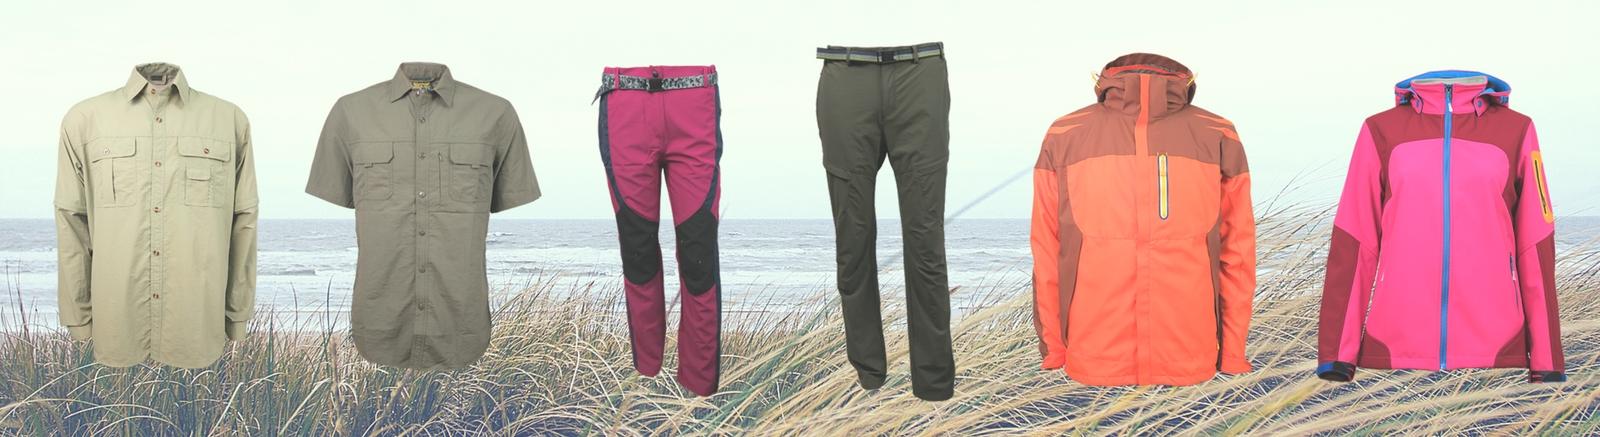 producción de ropa en China, fabricación de ropa outdoor, marca,